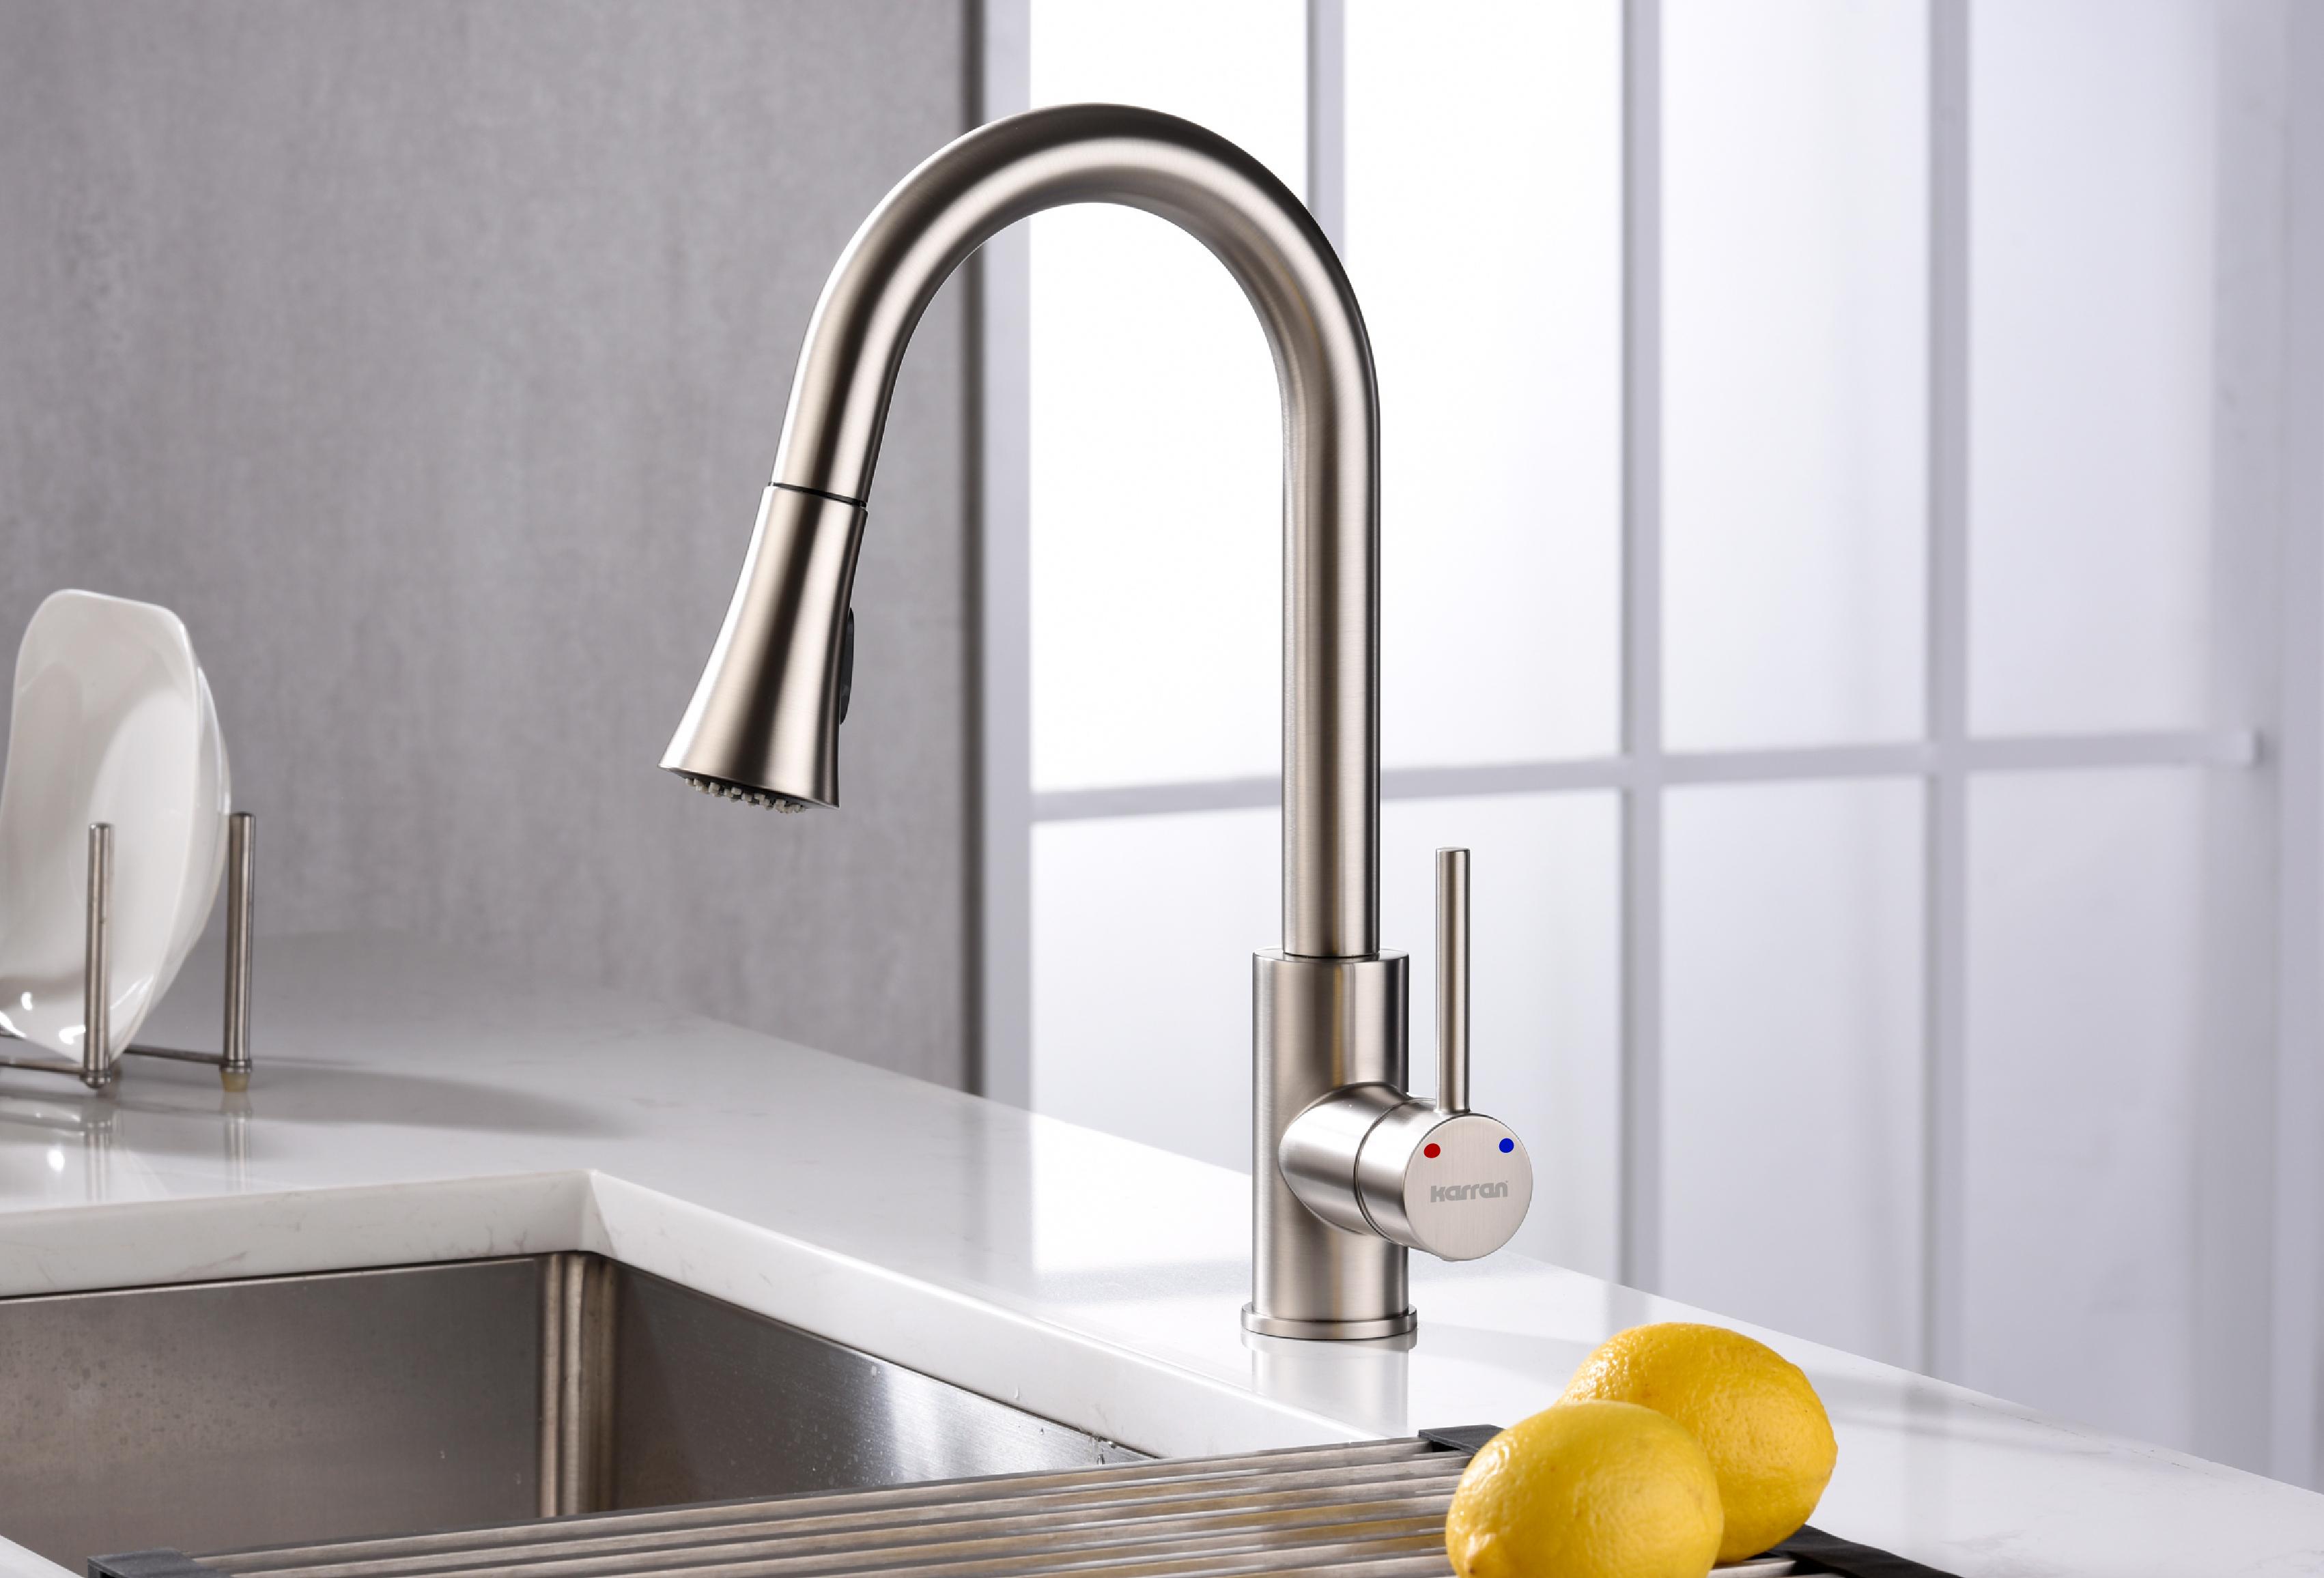 Karran Weybridge Single Lever Handle Lead-free Brass ADA Kitchen Faucet, Pull Down, Stainless Steel, KKF240SS